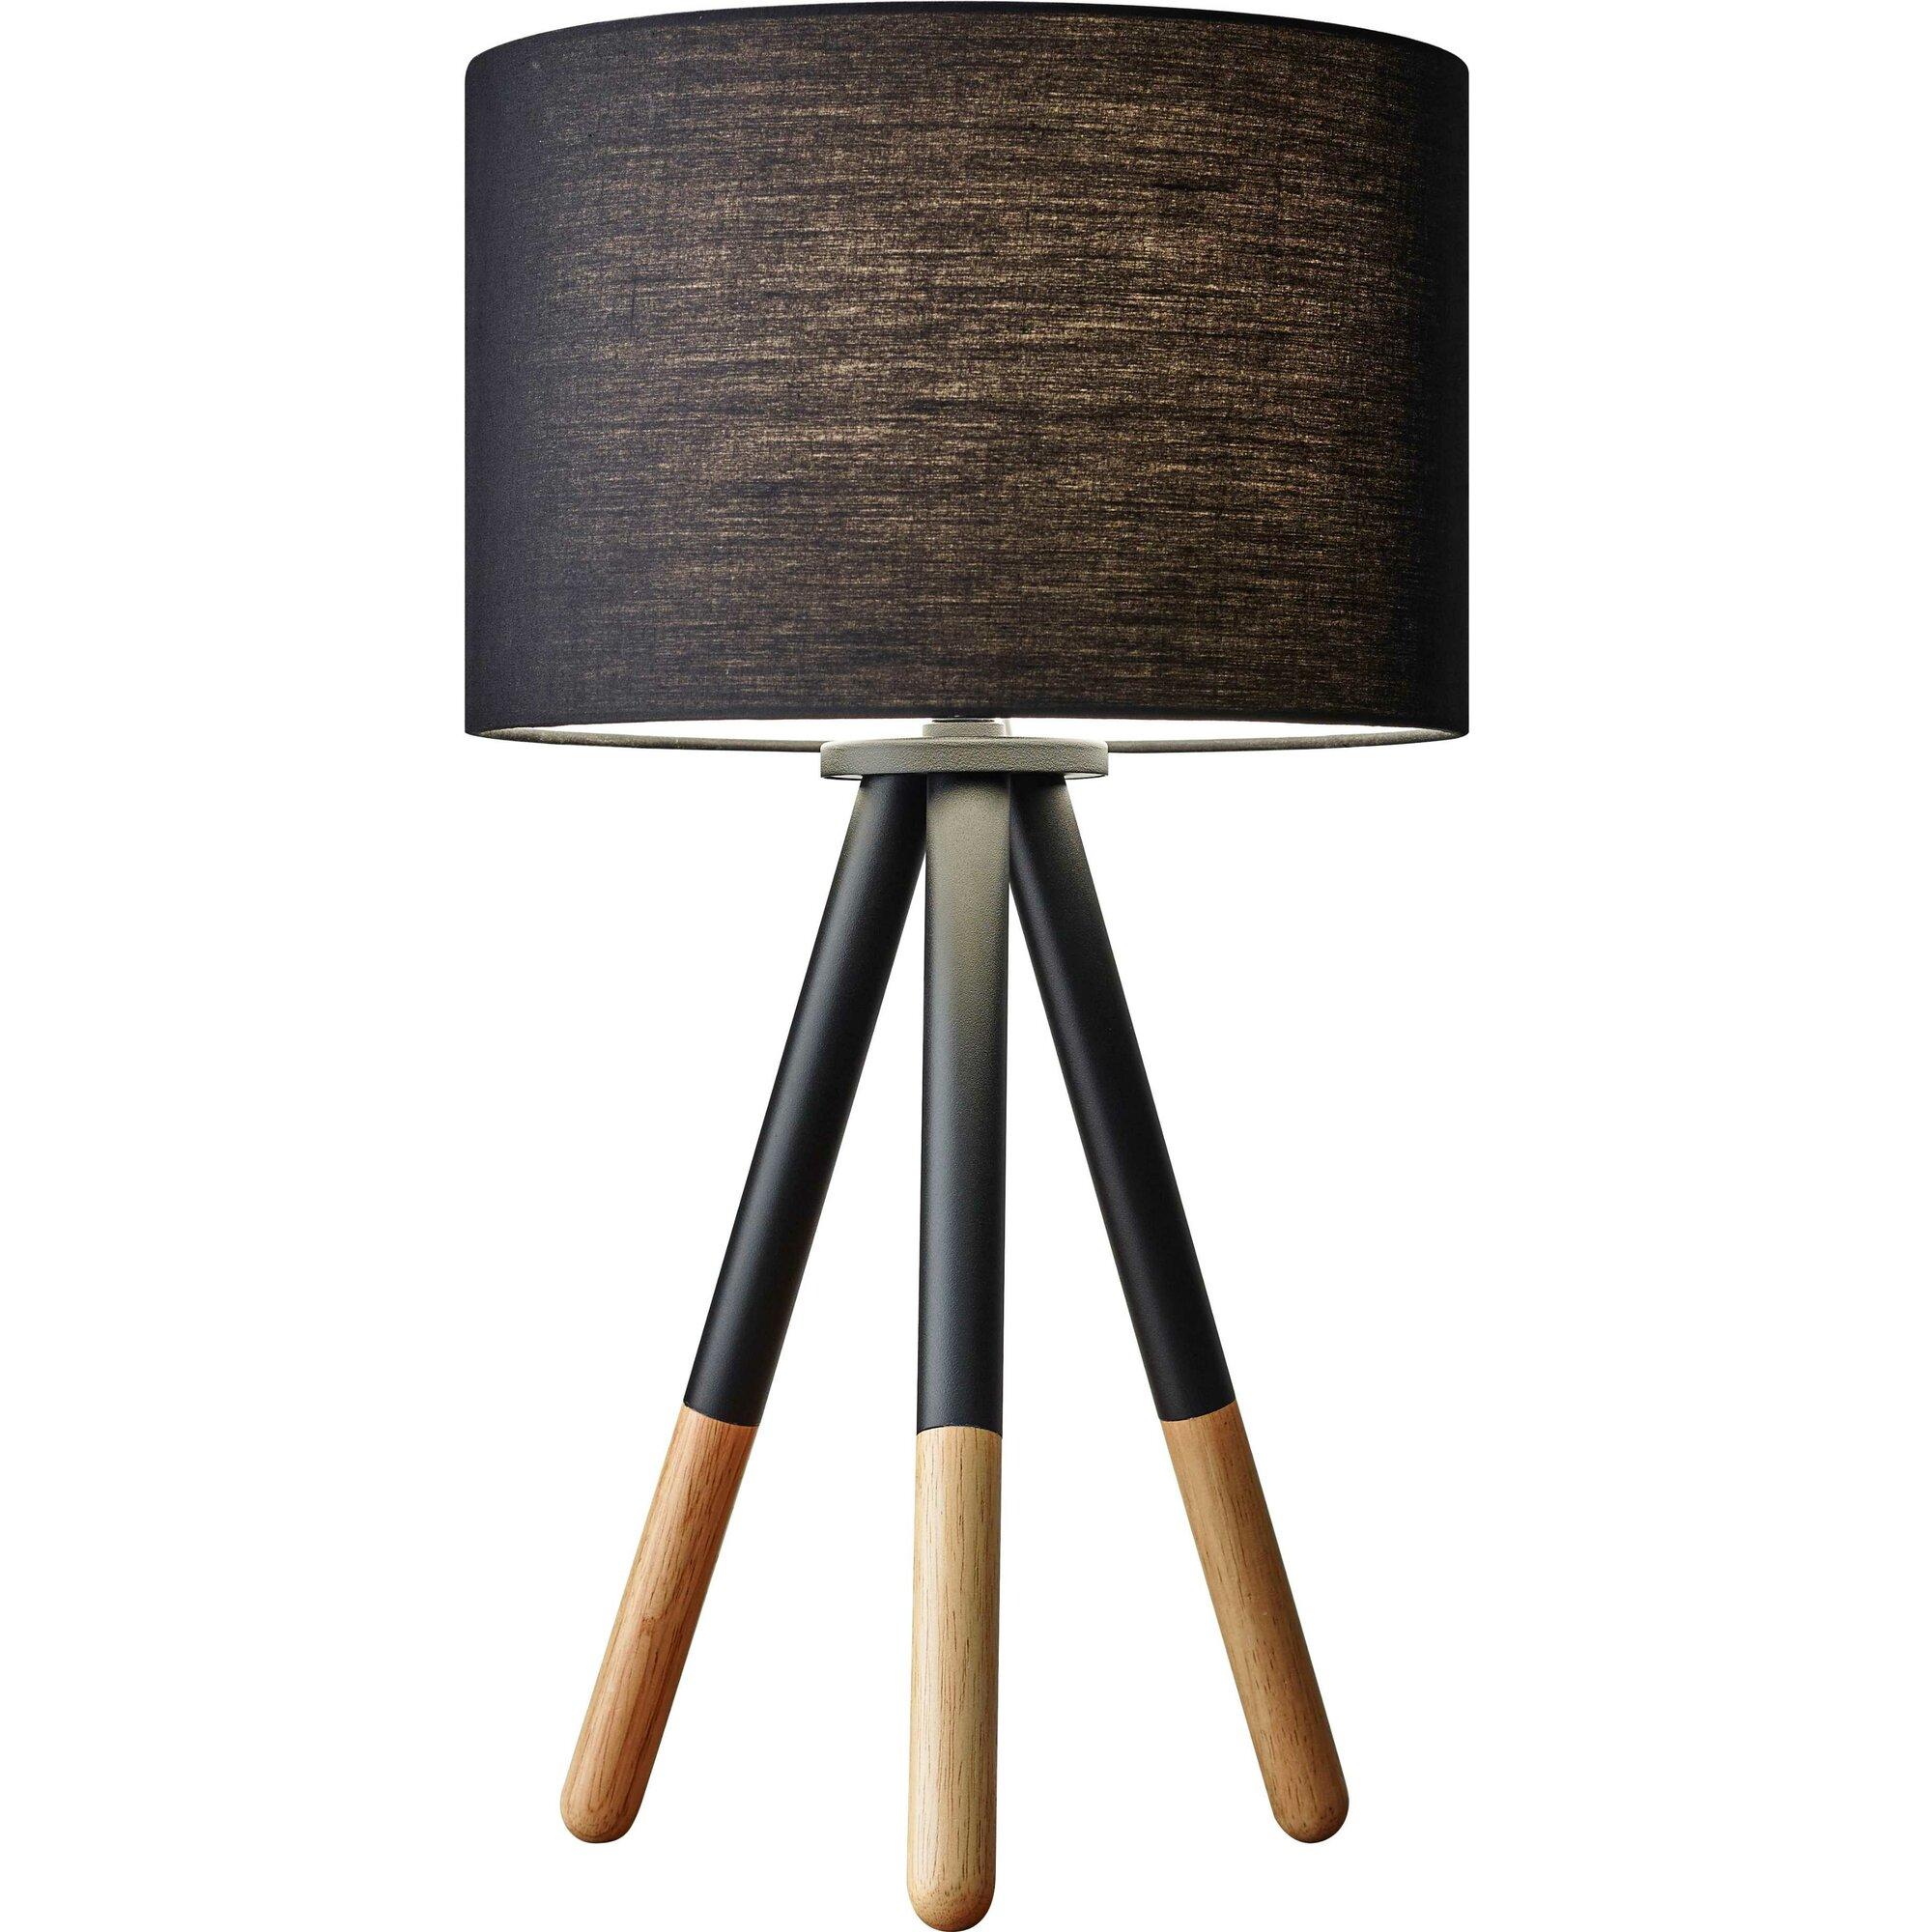 Delightful Adesso Table Lamp